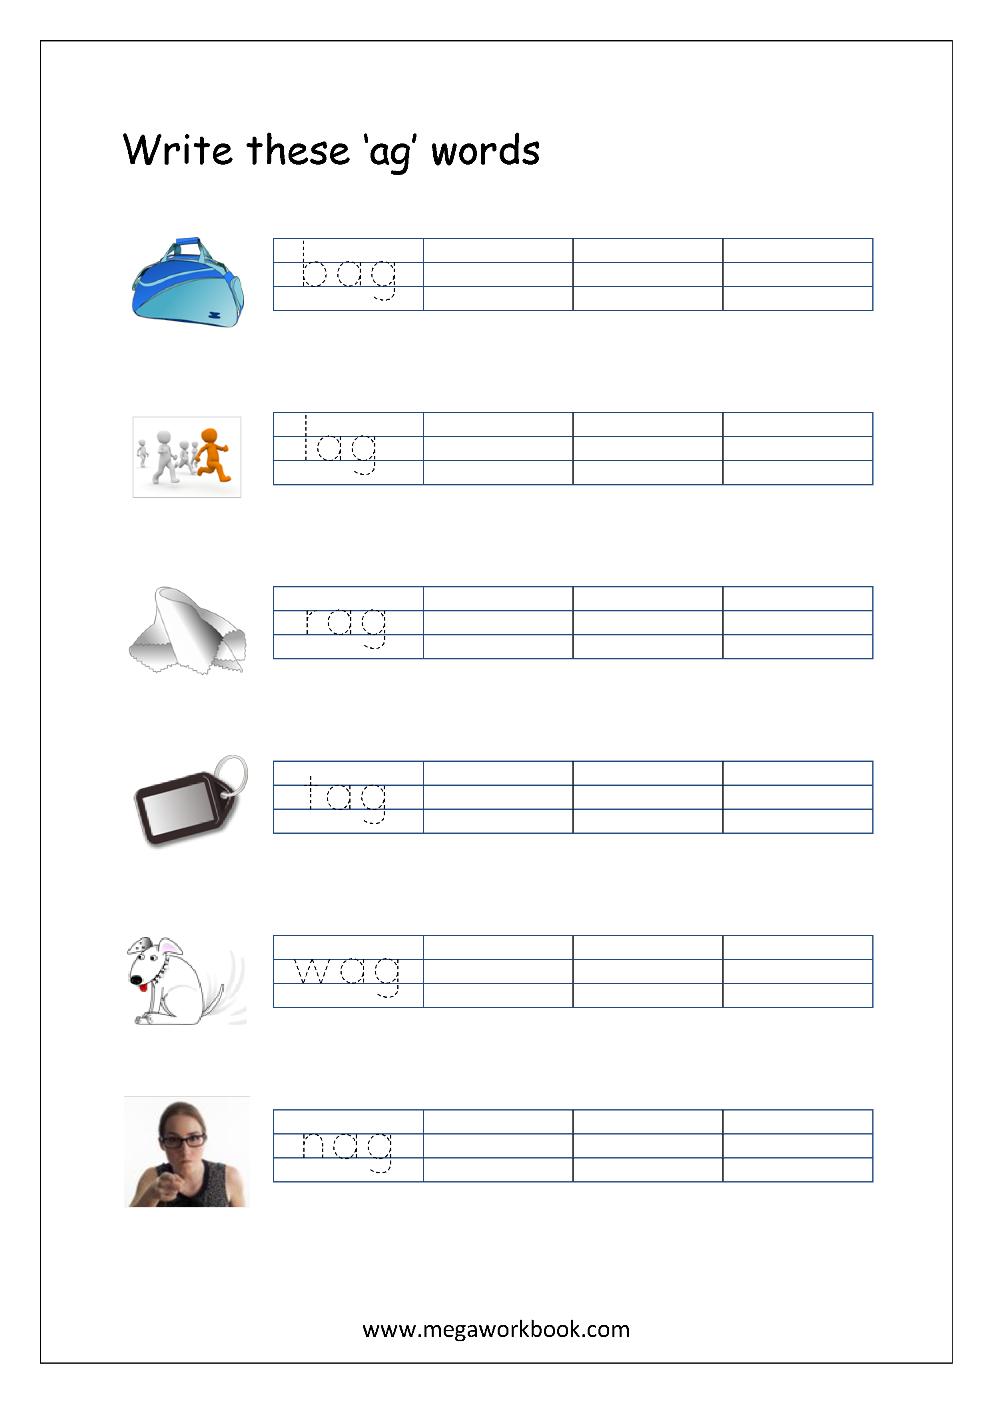 Workbooks rhyming patterns worksheets : Writing Rhyming Words - MegaWorkbook